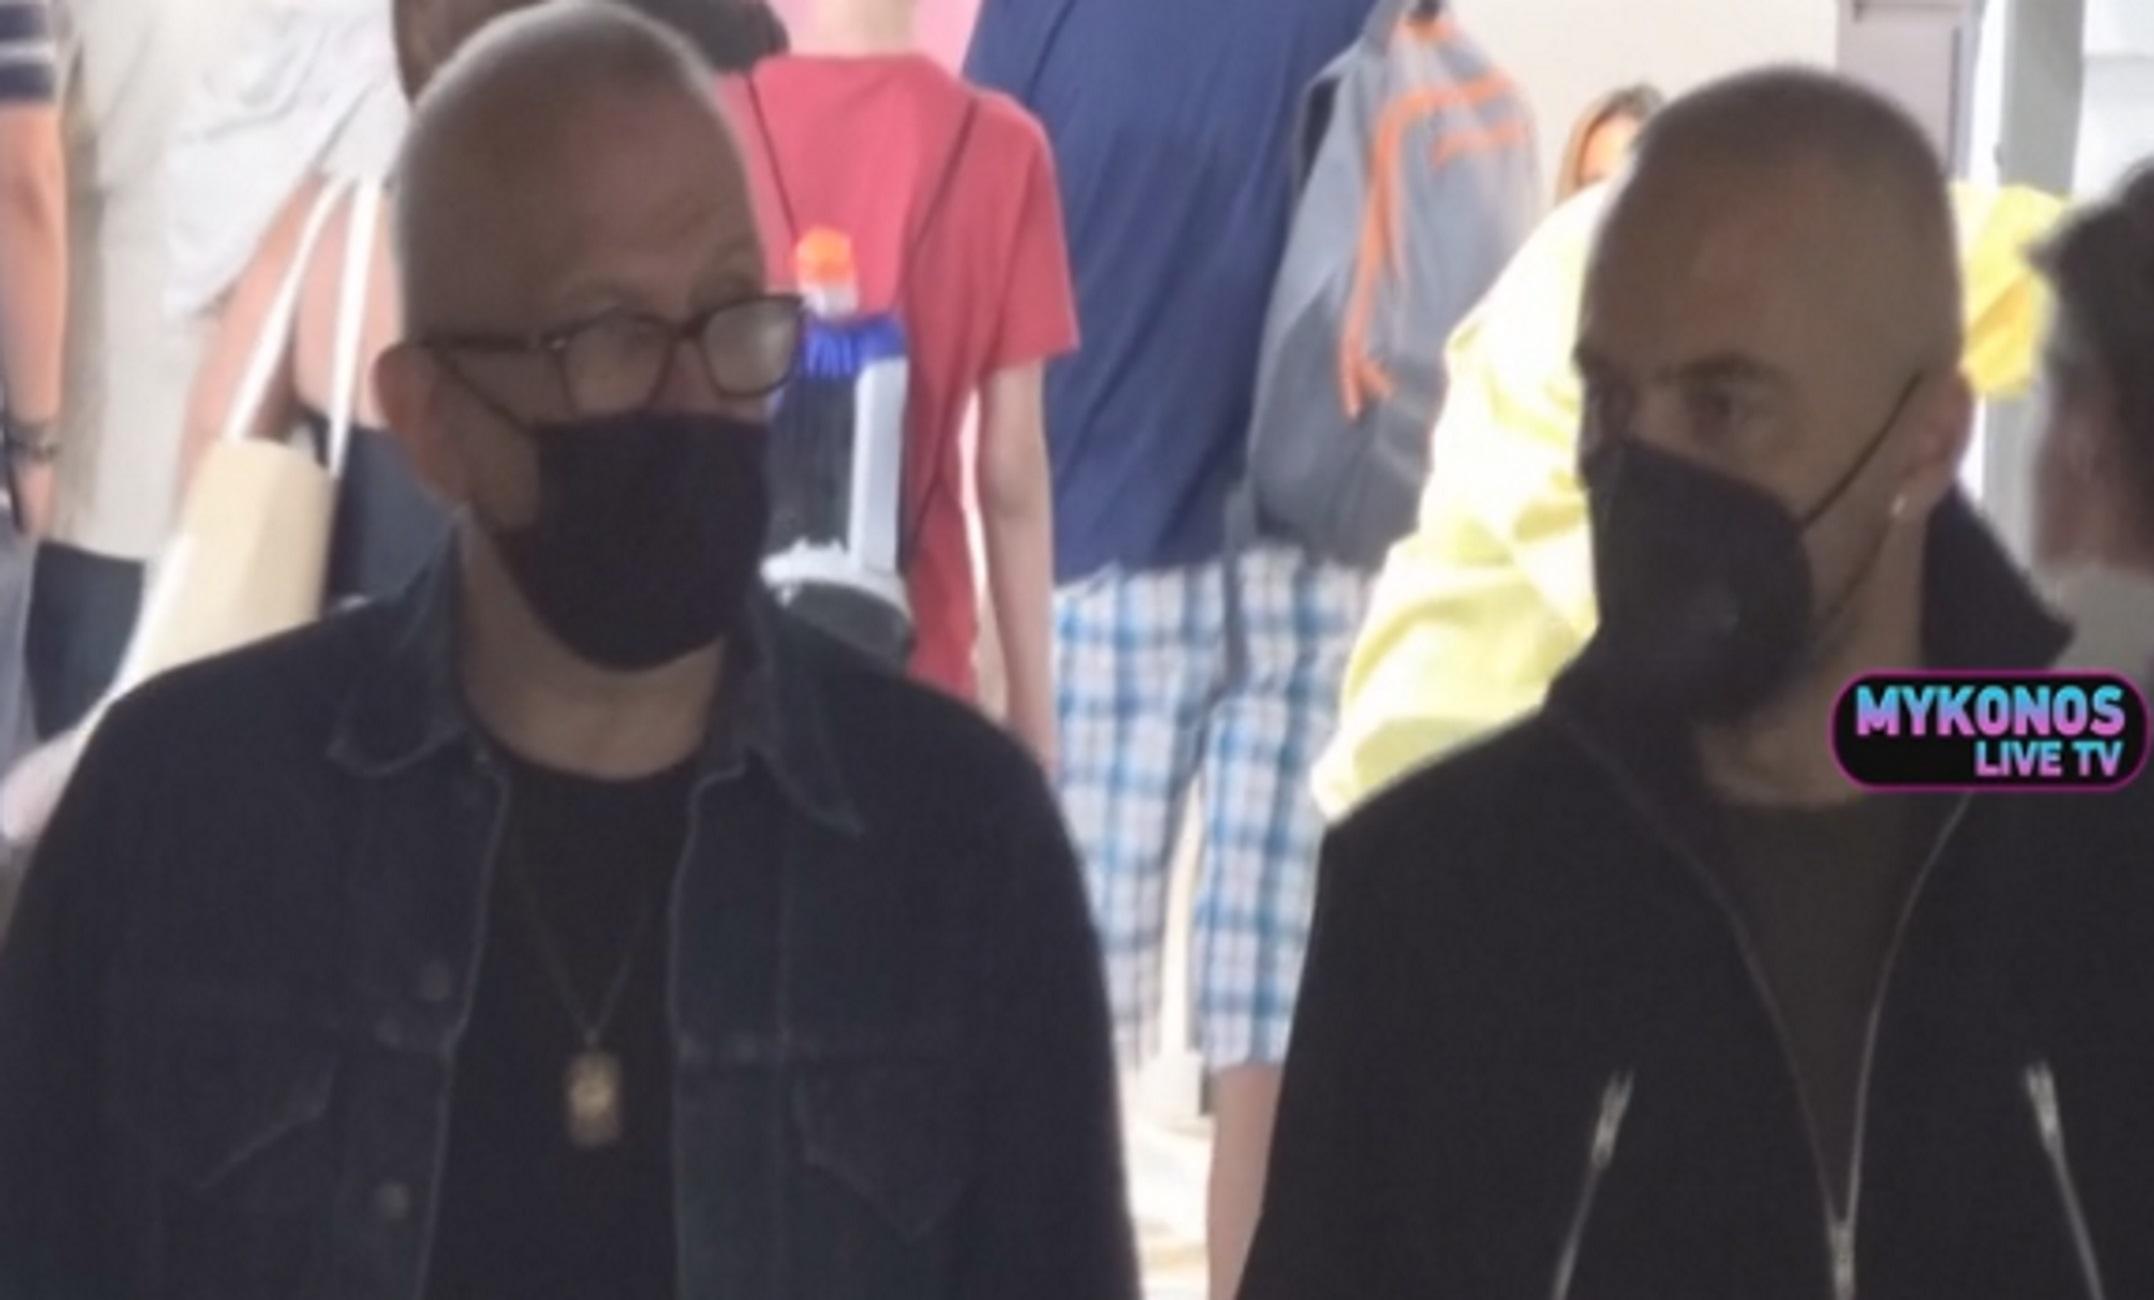 Μύκονος: Κατέβασε για λίγο τη μάσκα και απάντησε στα ελληνικά ο Jean Paul Gaultier